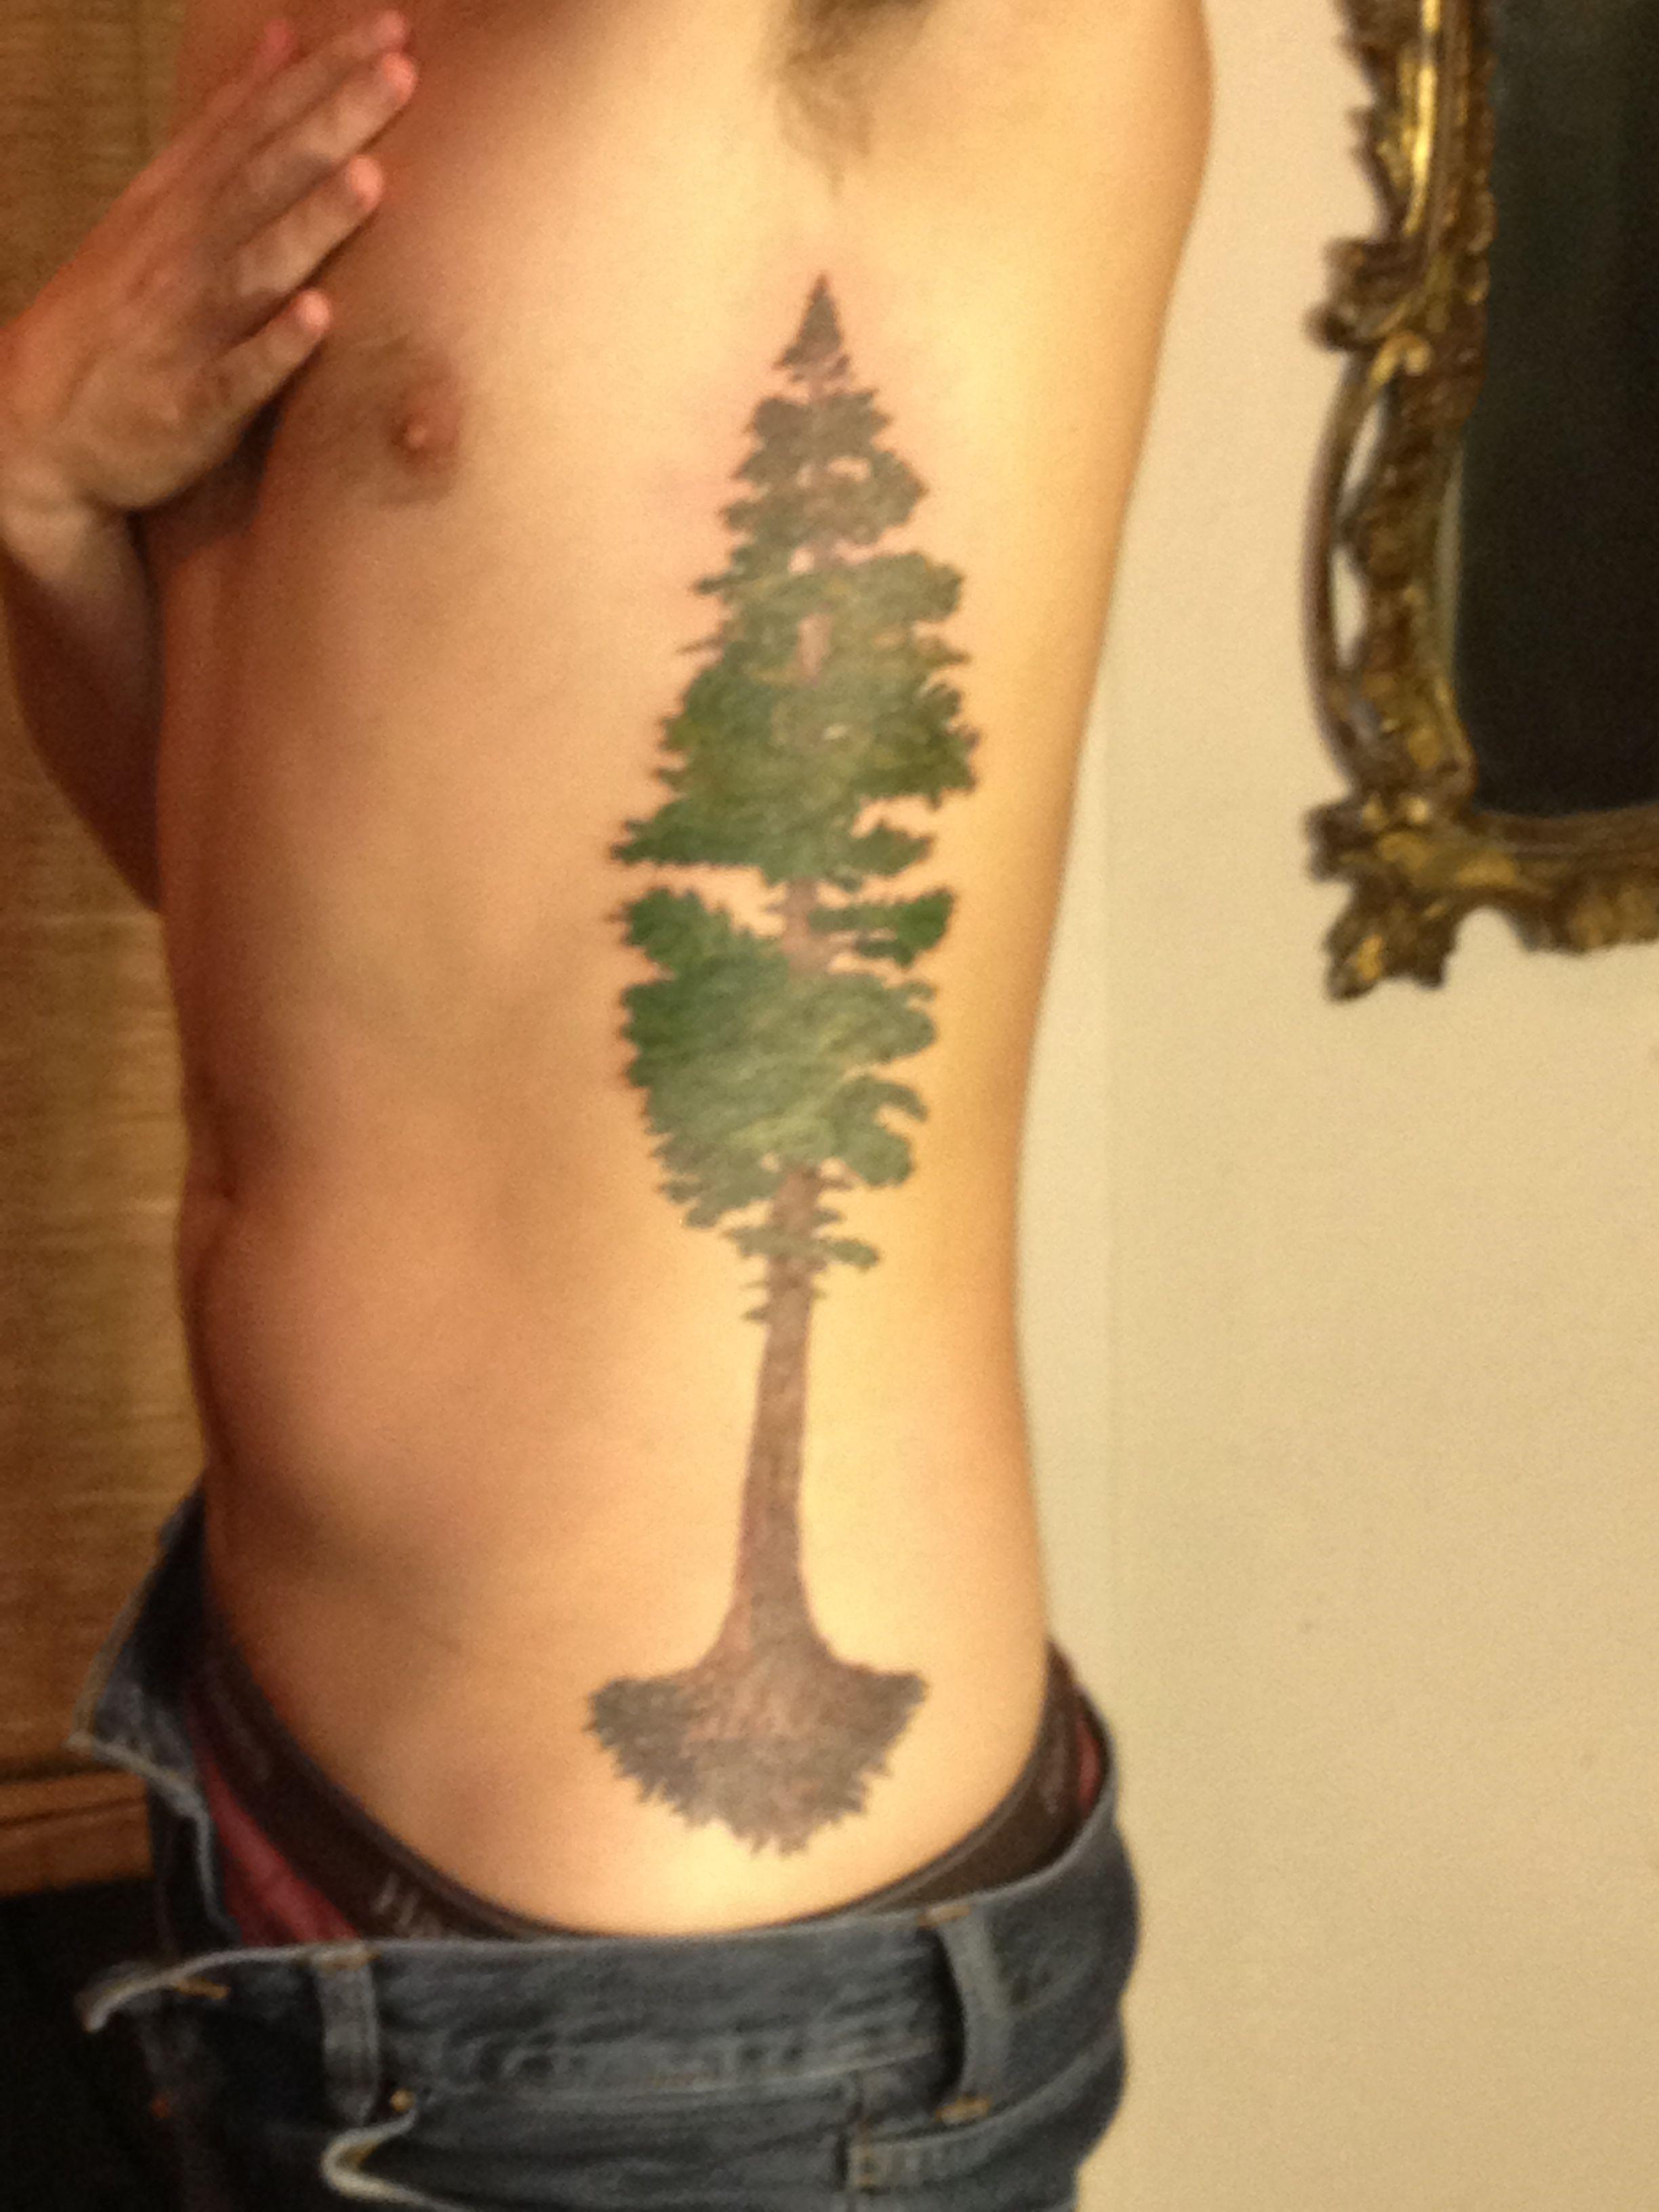 redwood tattoo tattoos pinterest redwood tattoo tattoo and body art. Black Bedroom Furniture Sets. Home Design Ideas